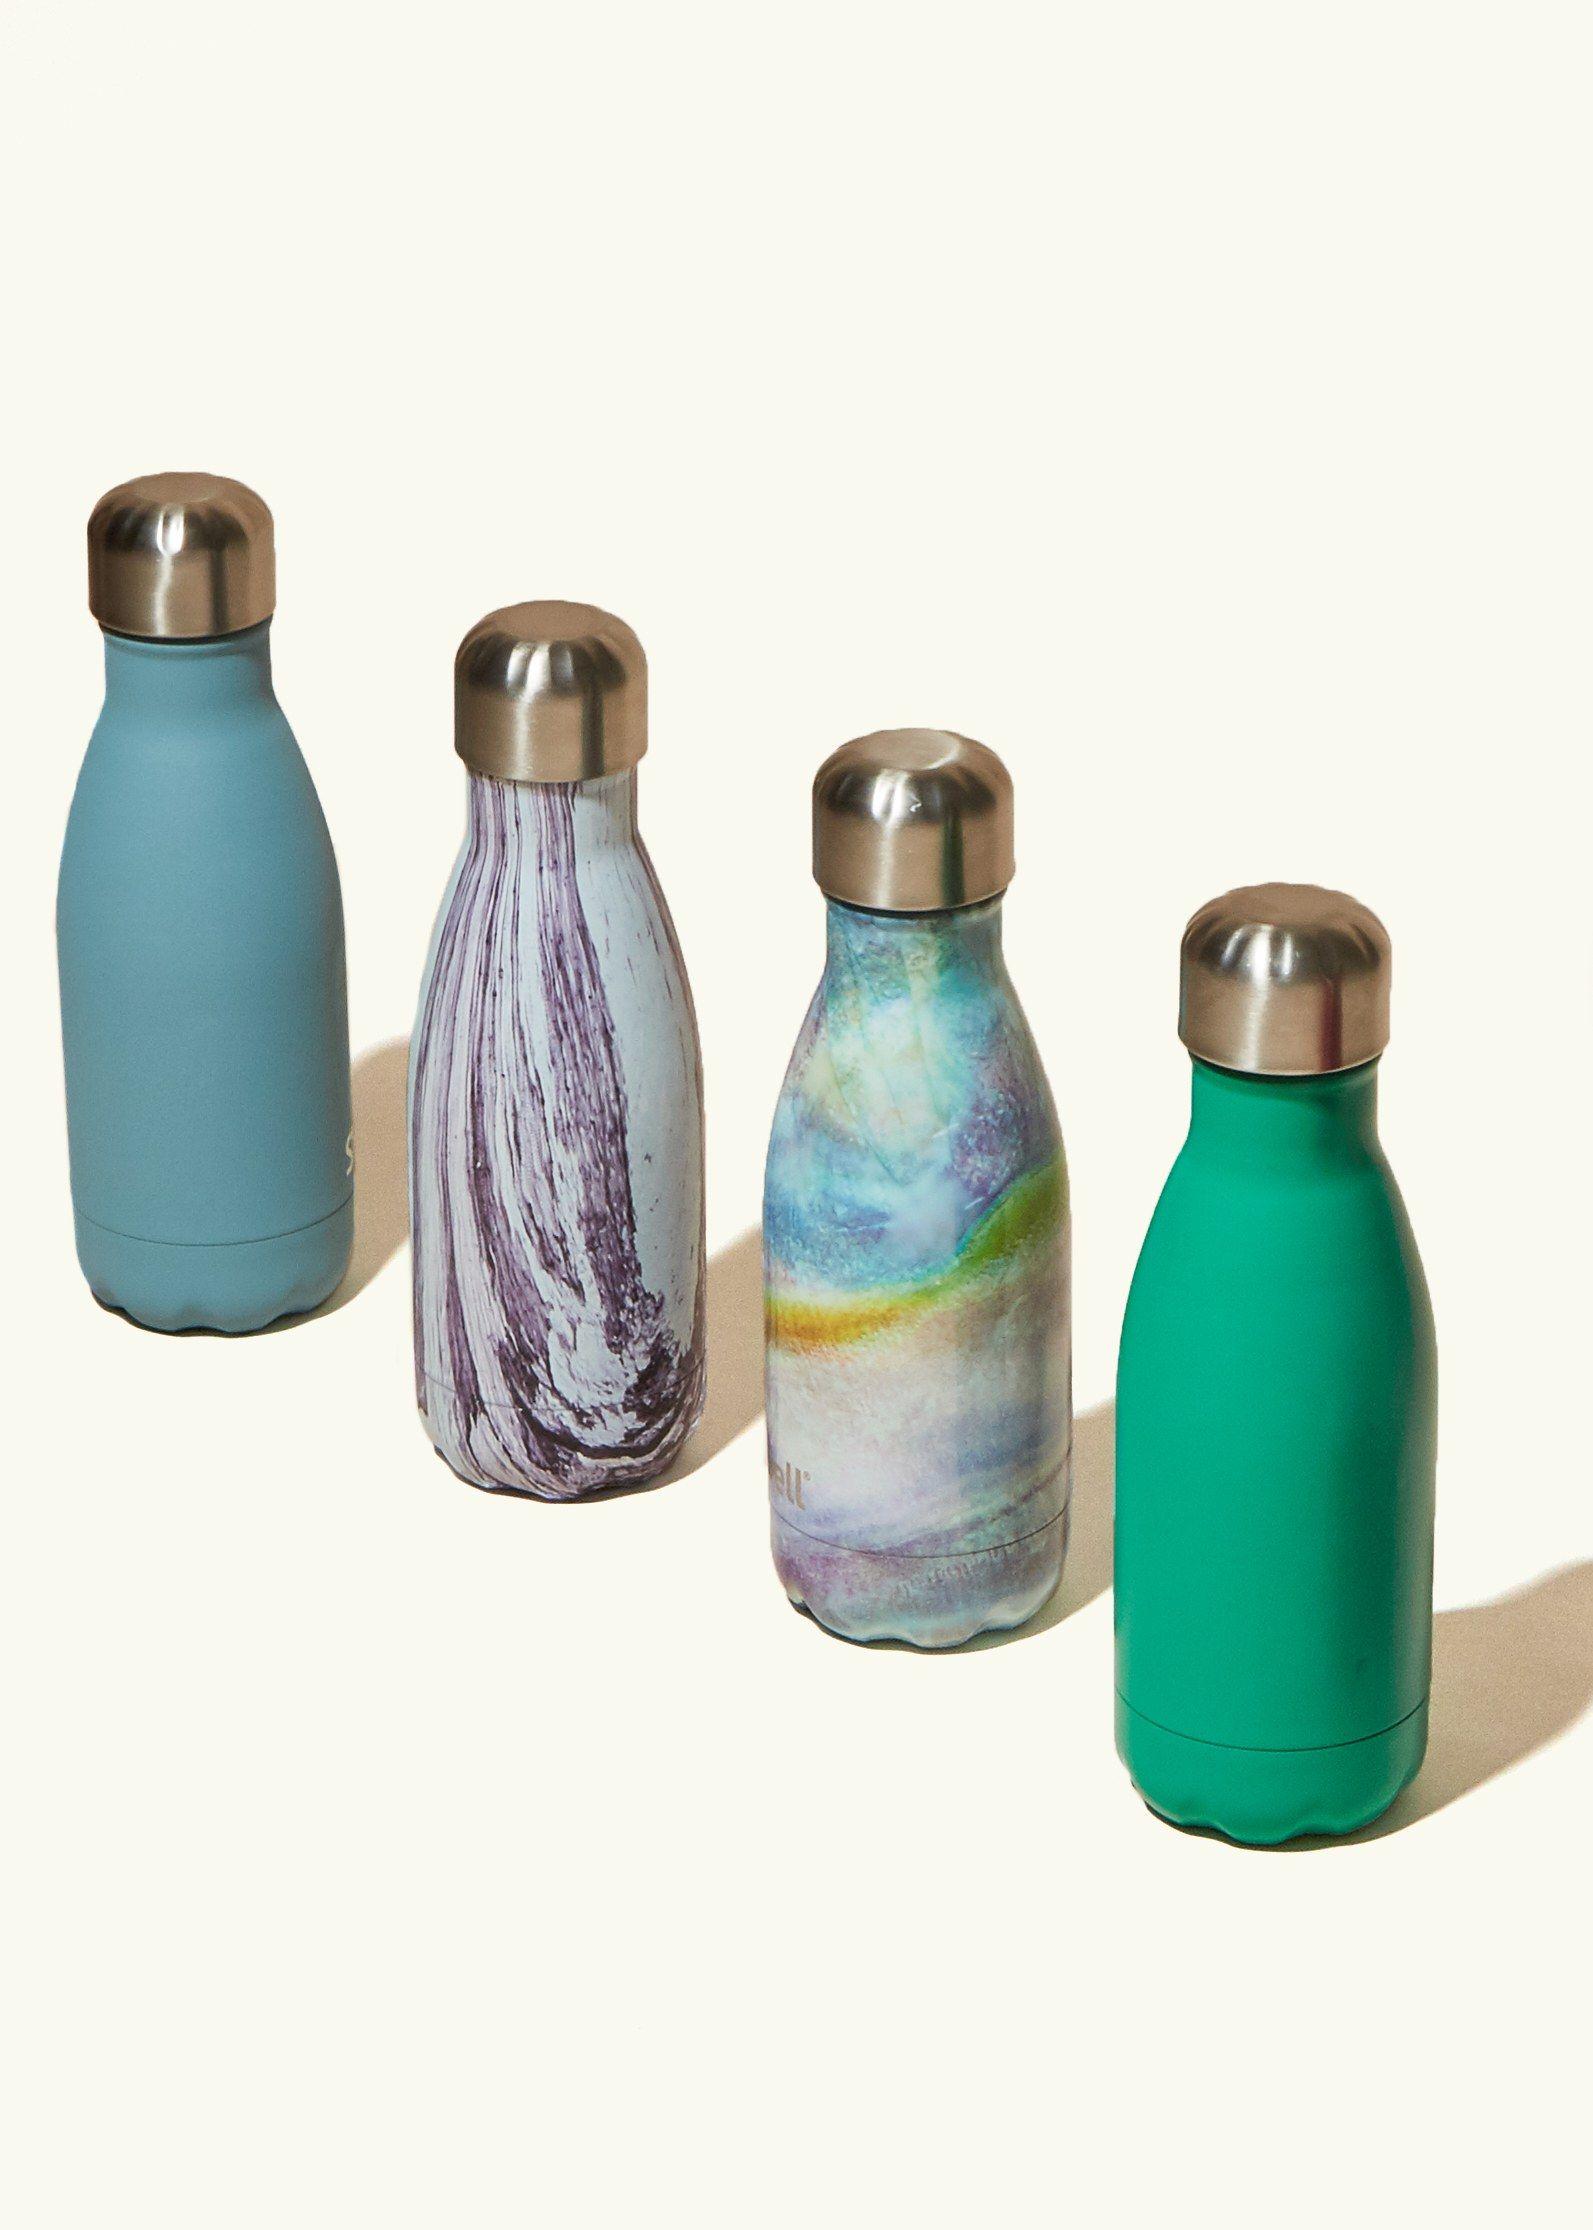 How to Clean a Water Bottle So It Doesn't Taste Like